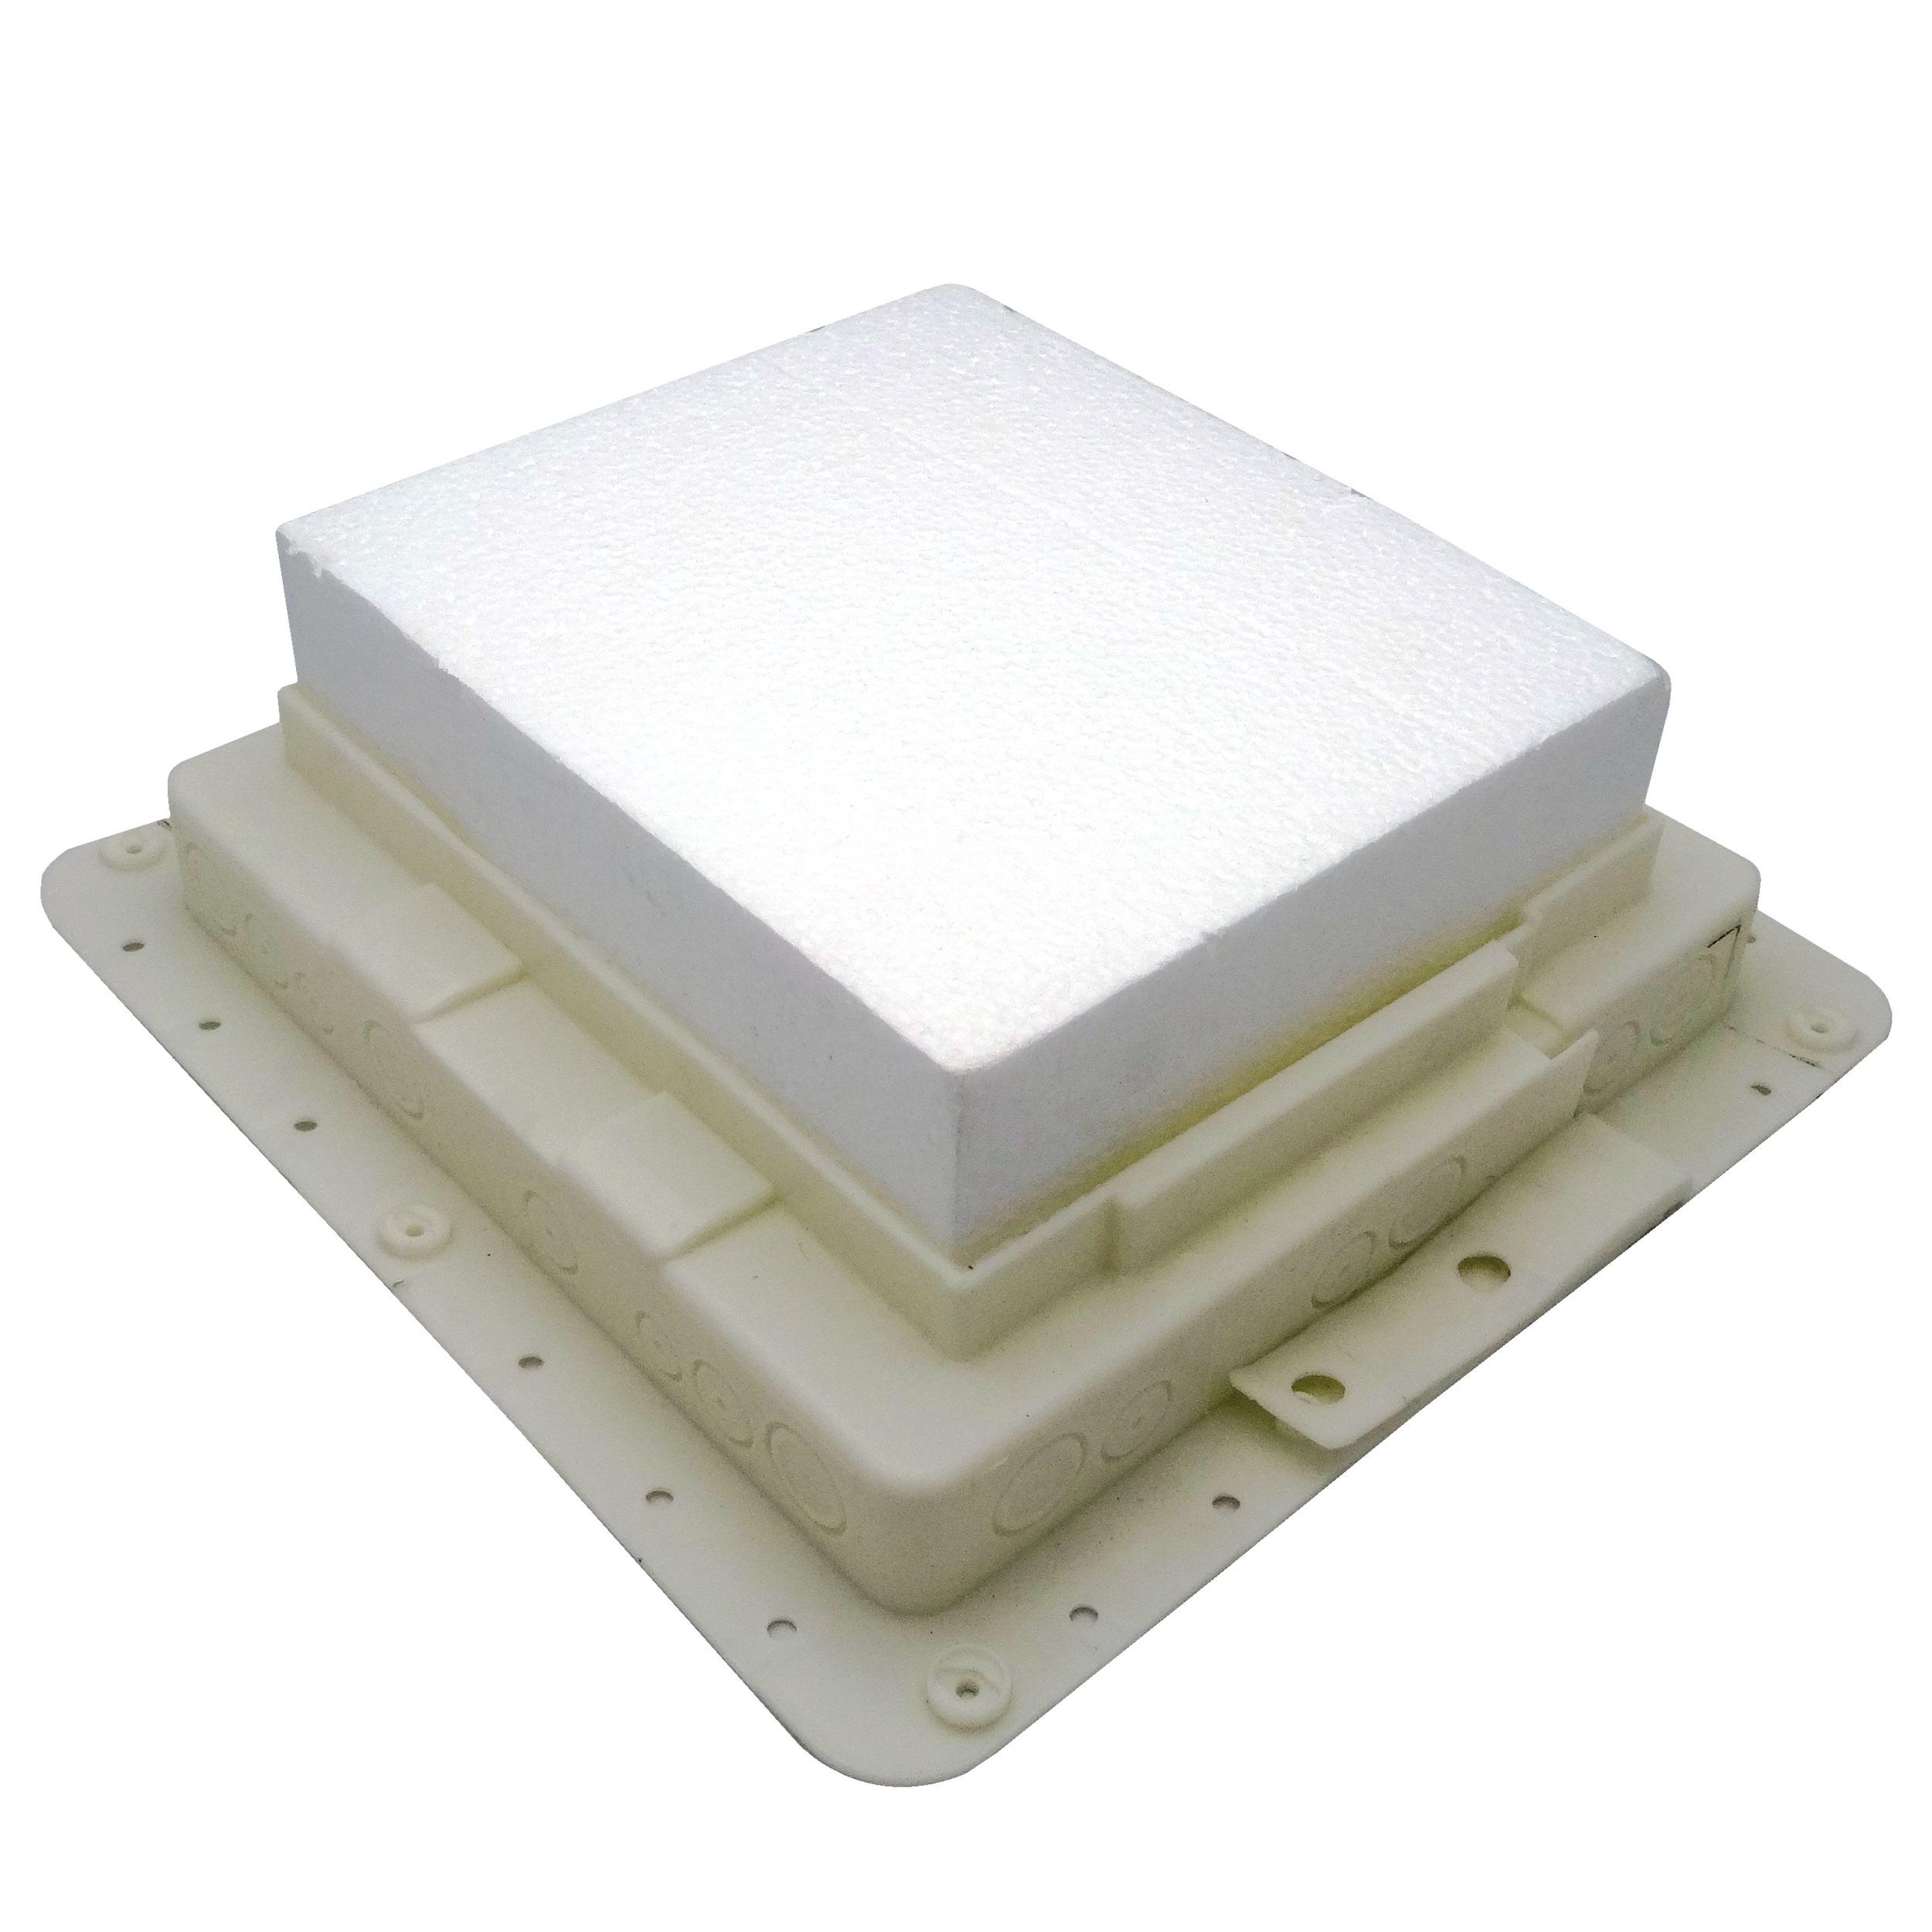 بررسی و خرید [با تخفیف]                                     زیره باکس کف خواب مدل M12                     غیر اصلاورجینال